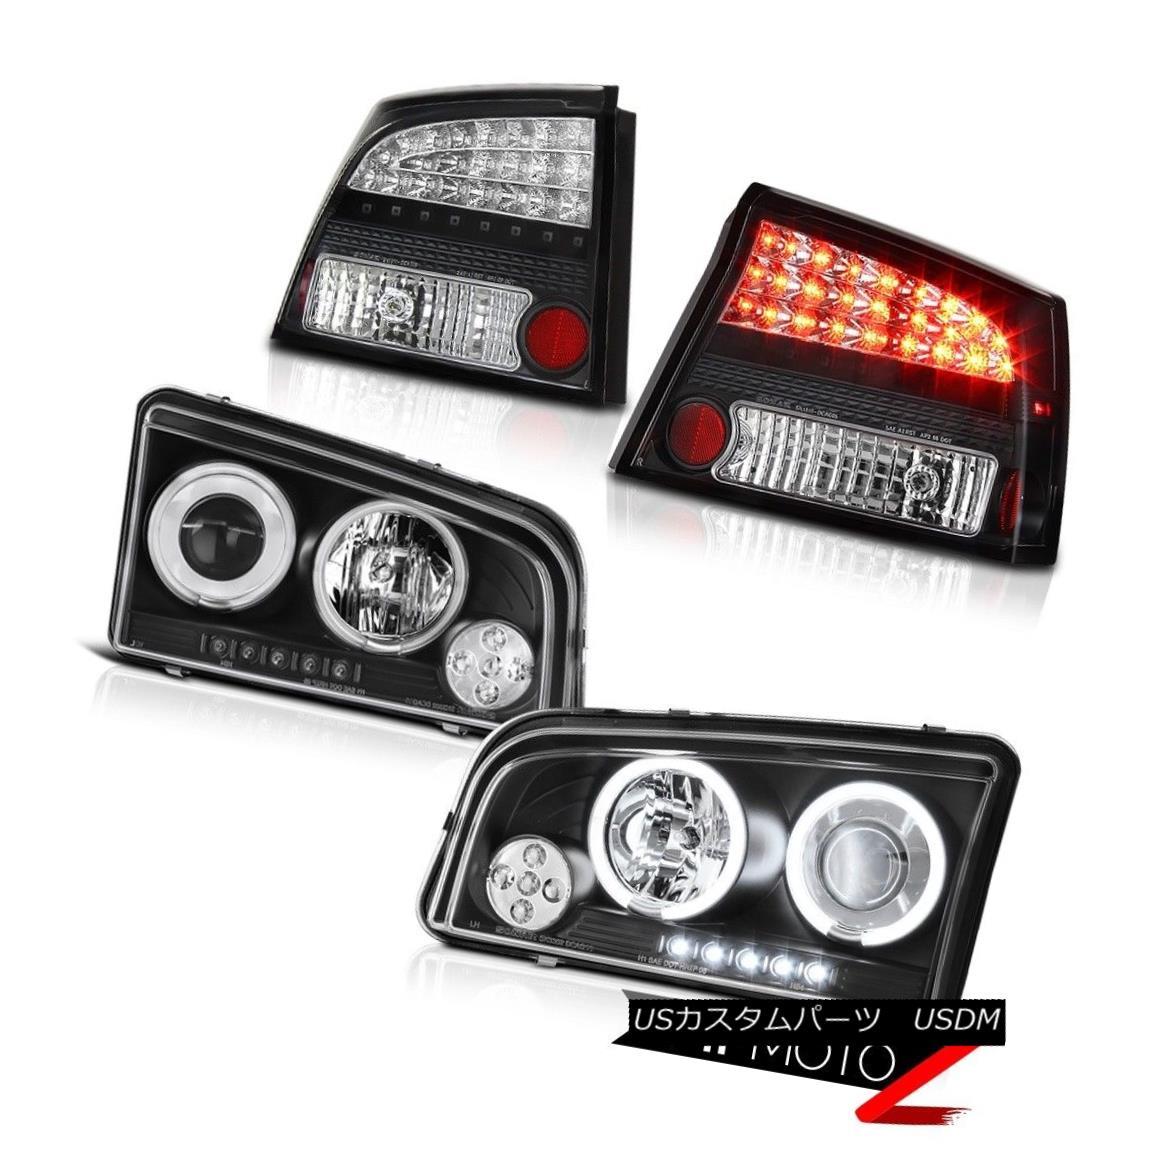 テールライト 06 07 08 Charger 3.5L CCFL Angel Eye LED Black Head Lamps Lights LED Taillights 06 07 08充電器3.5L CCFLエンジェルアイLEDブラックヘッドランプライトLEDテールライト